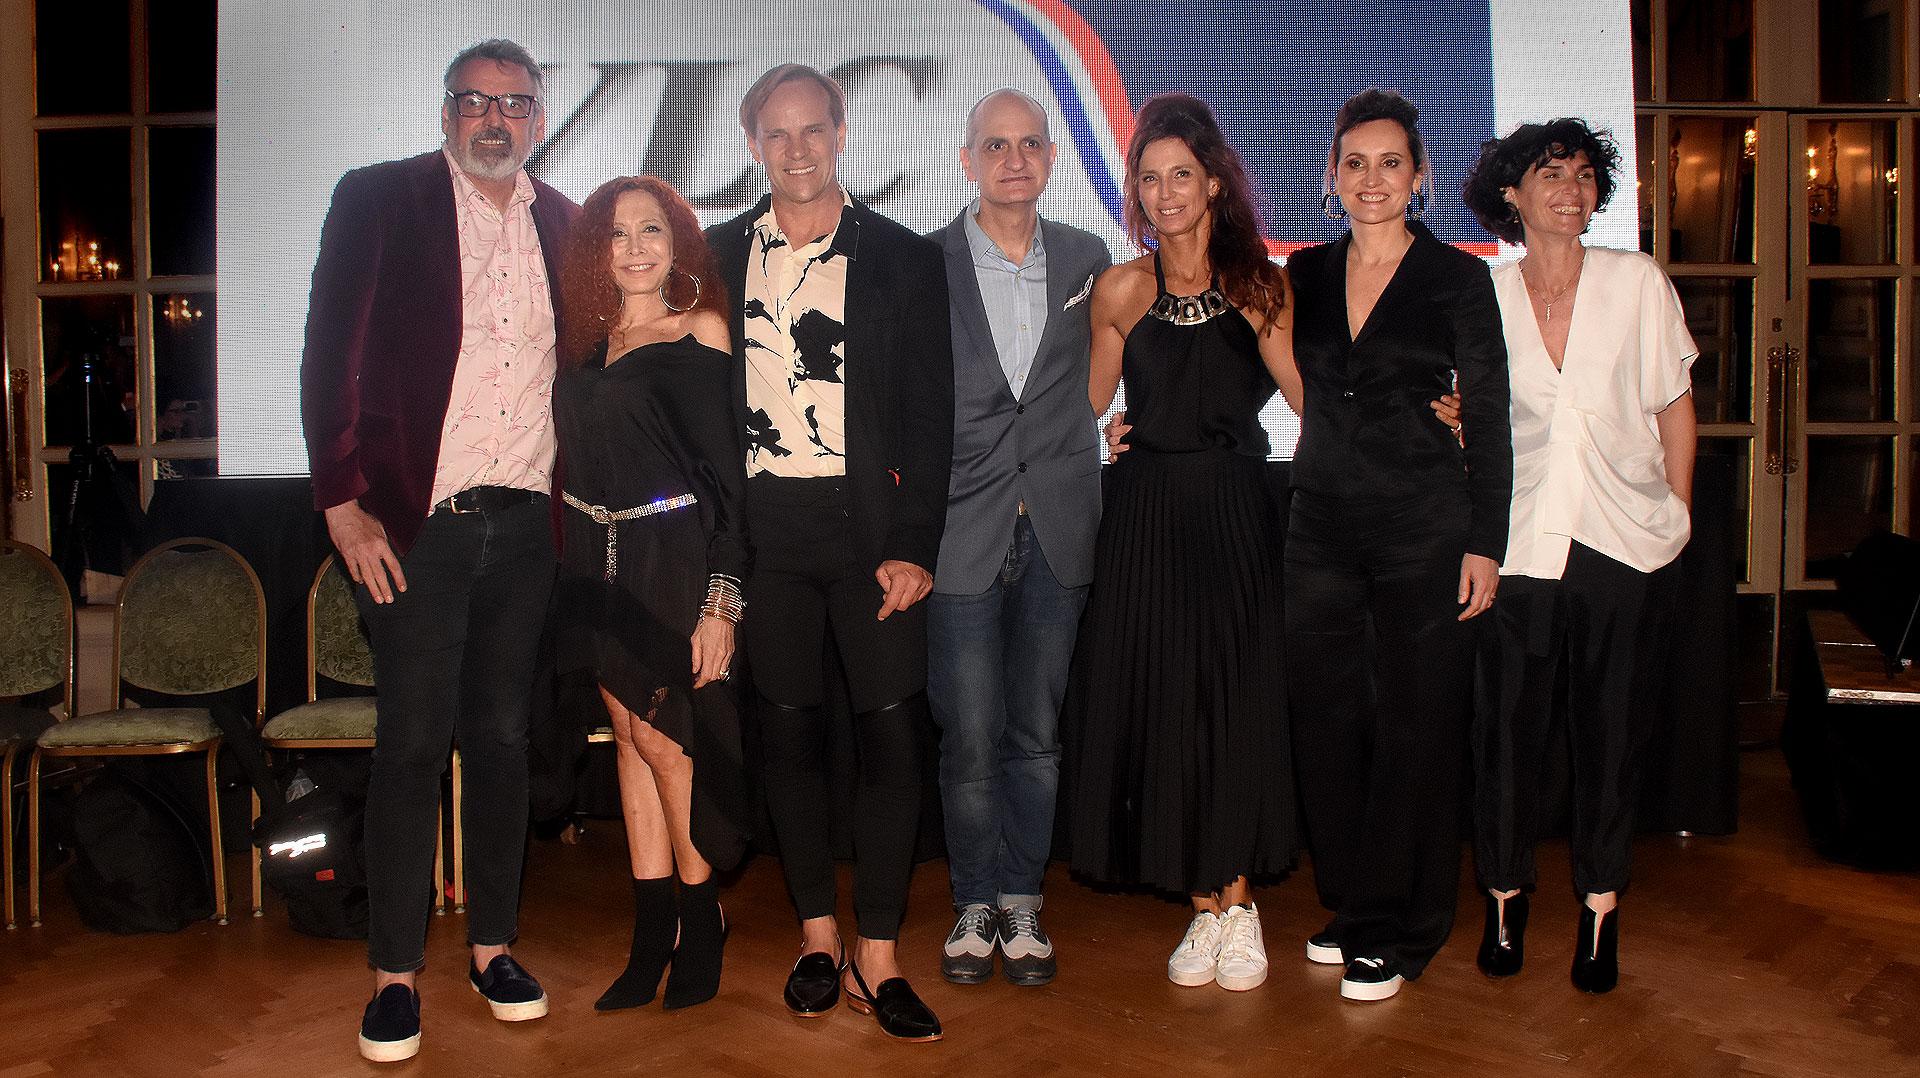 Maureene Dinar, Laurencio Adot junto a Thiago Pinheiro, Benito Fernández, Mariana Dappiano, Anna Rossatti y S-Mode presentaron sus nuevas colecciones en un gran evento